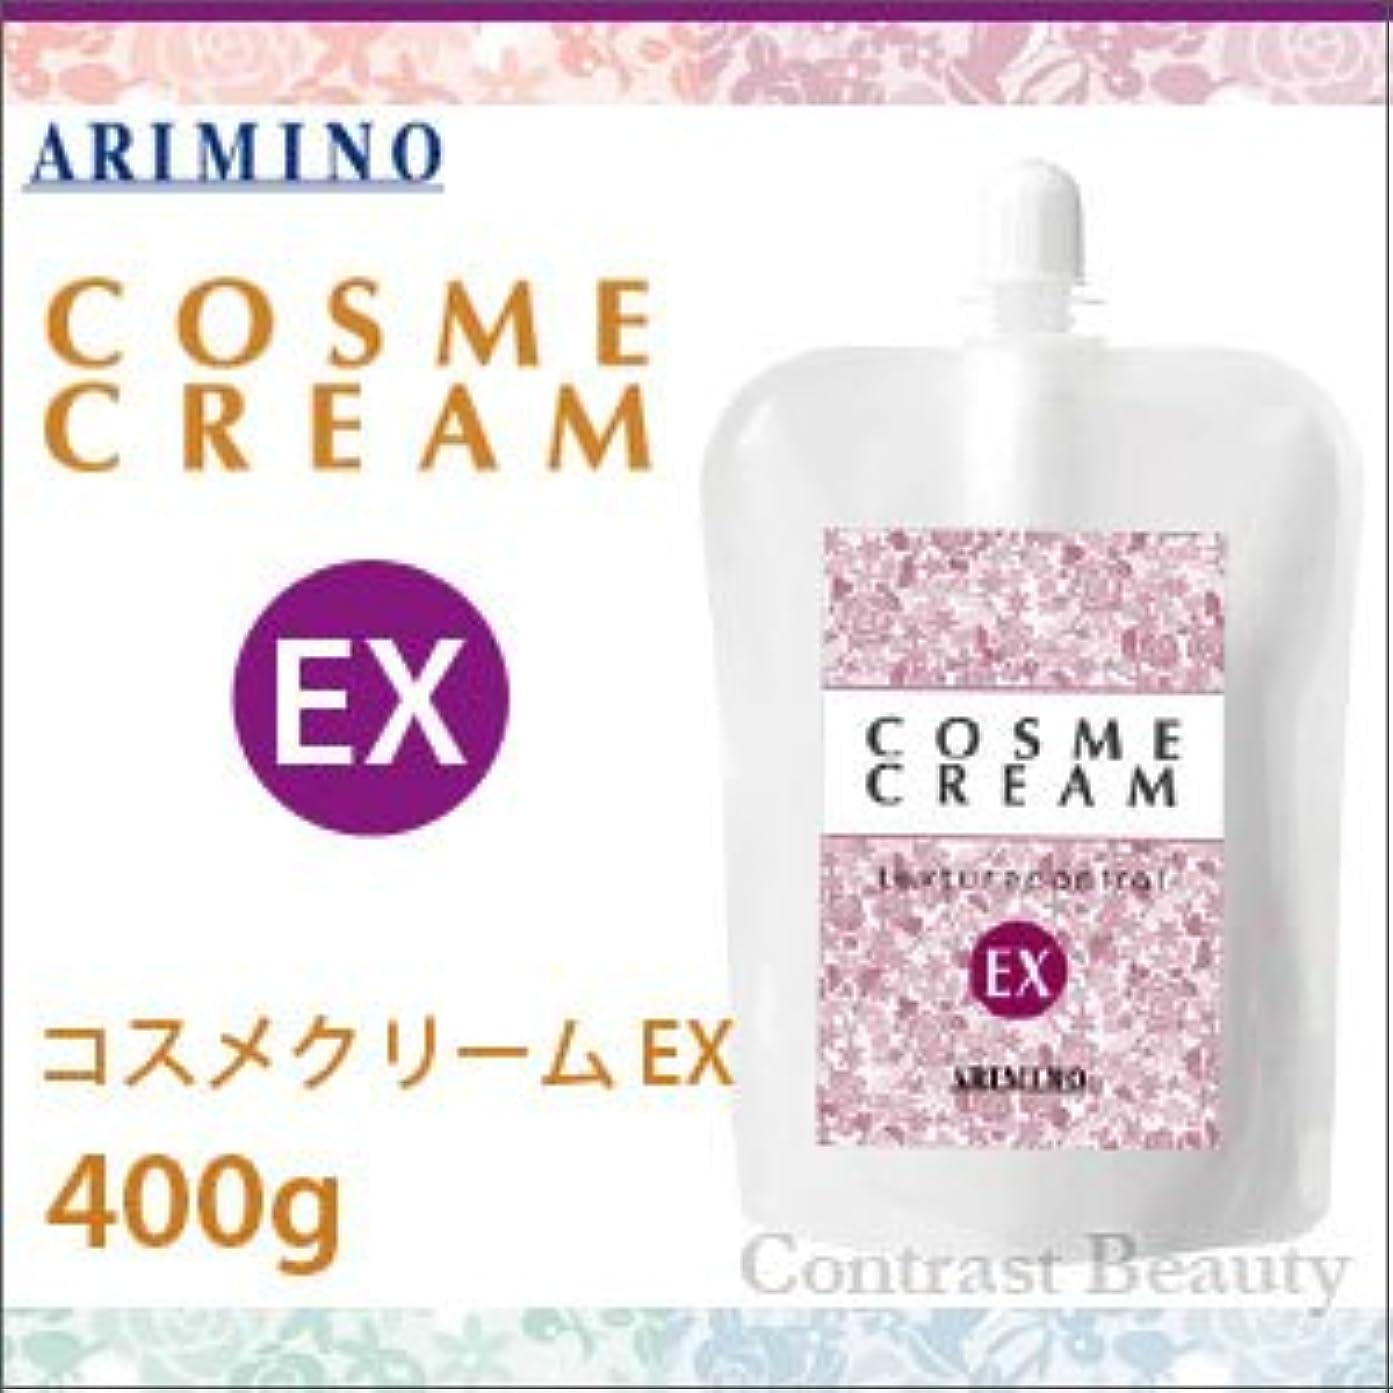 落ち着く漂流あたり【X5個セット】 アリミノ コスメクリーム EX 400g